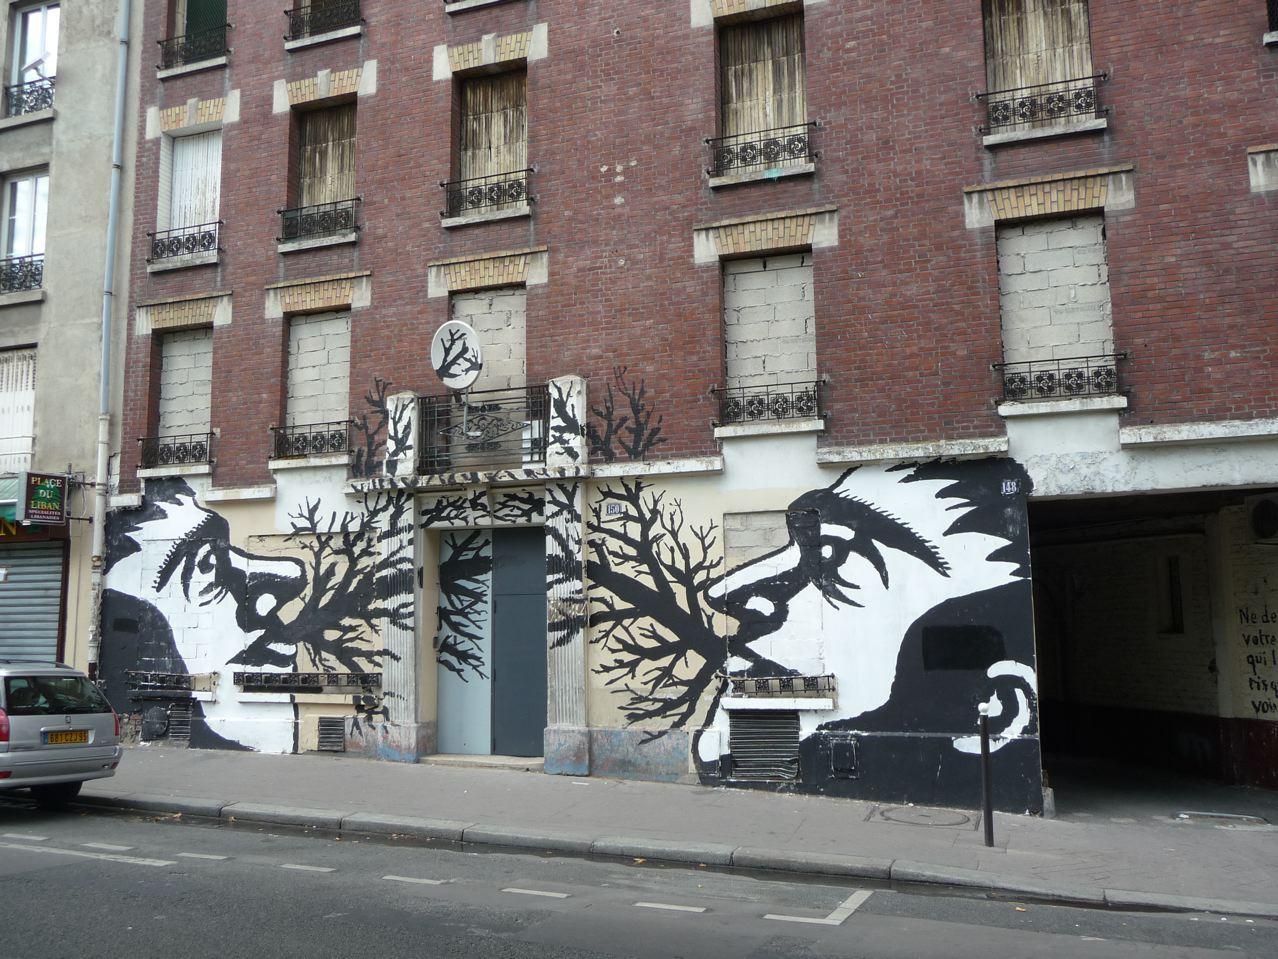 Tags et graffitis dans Paris